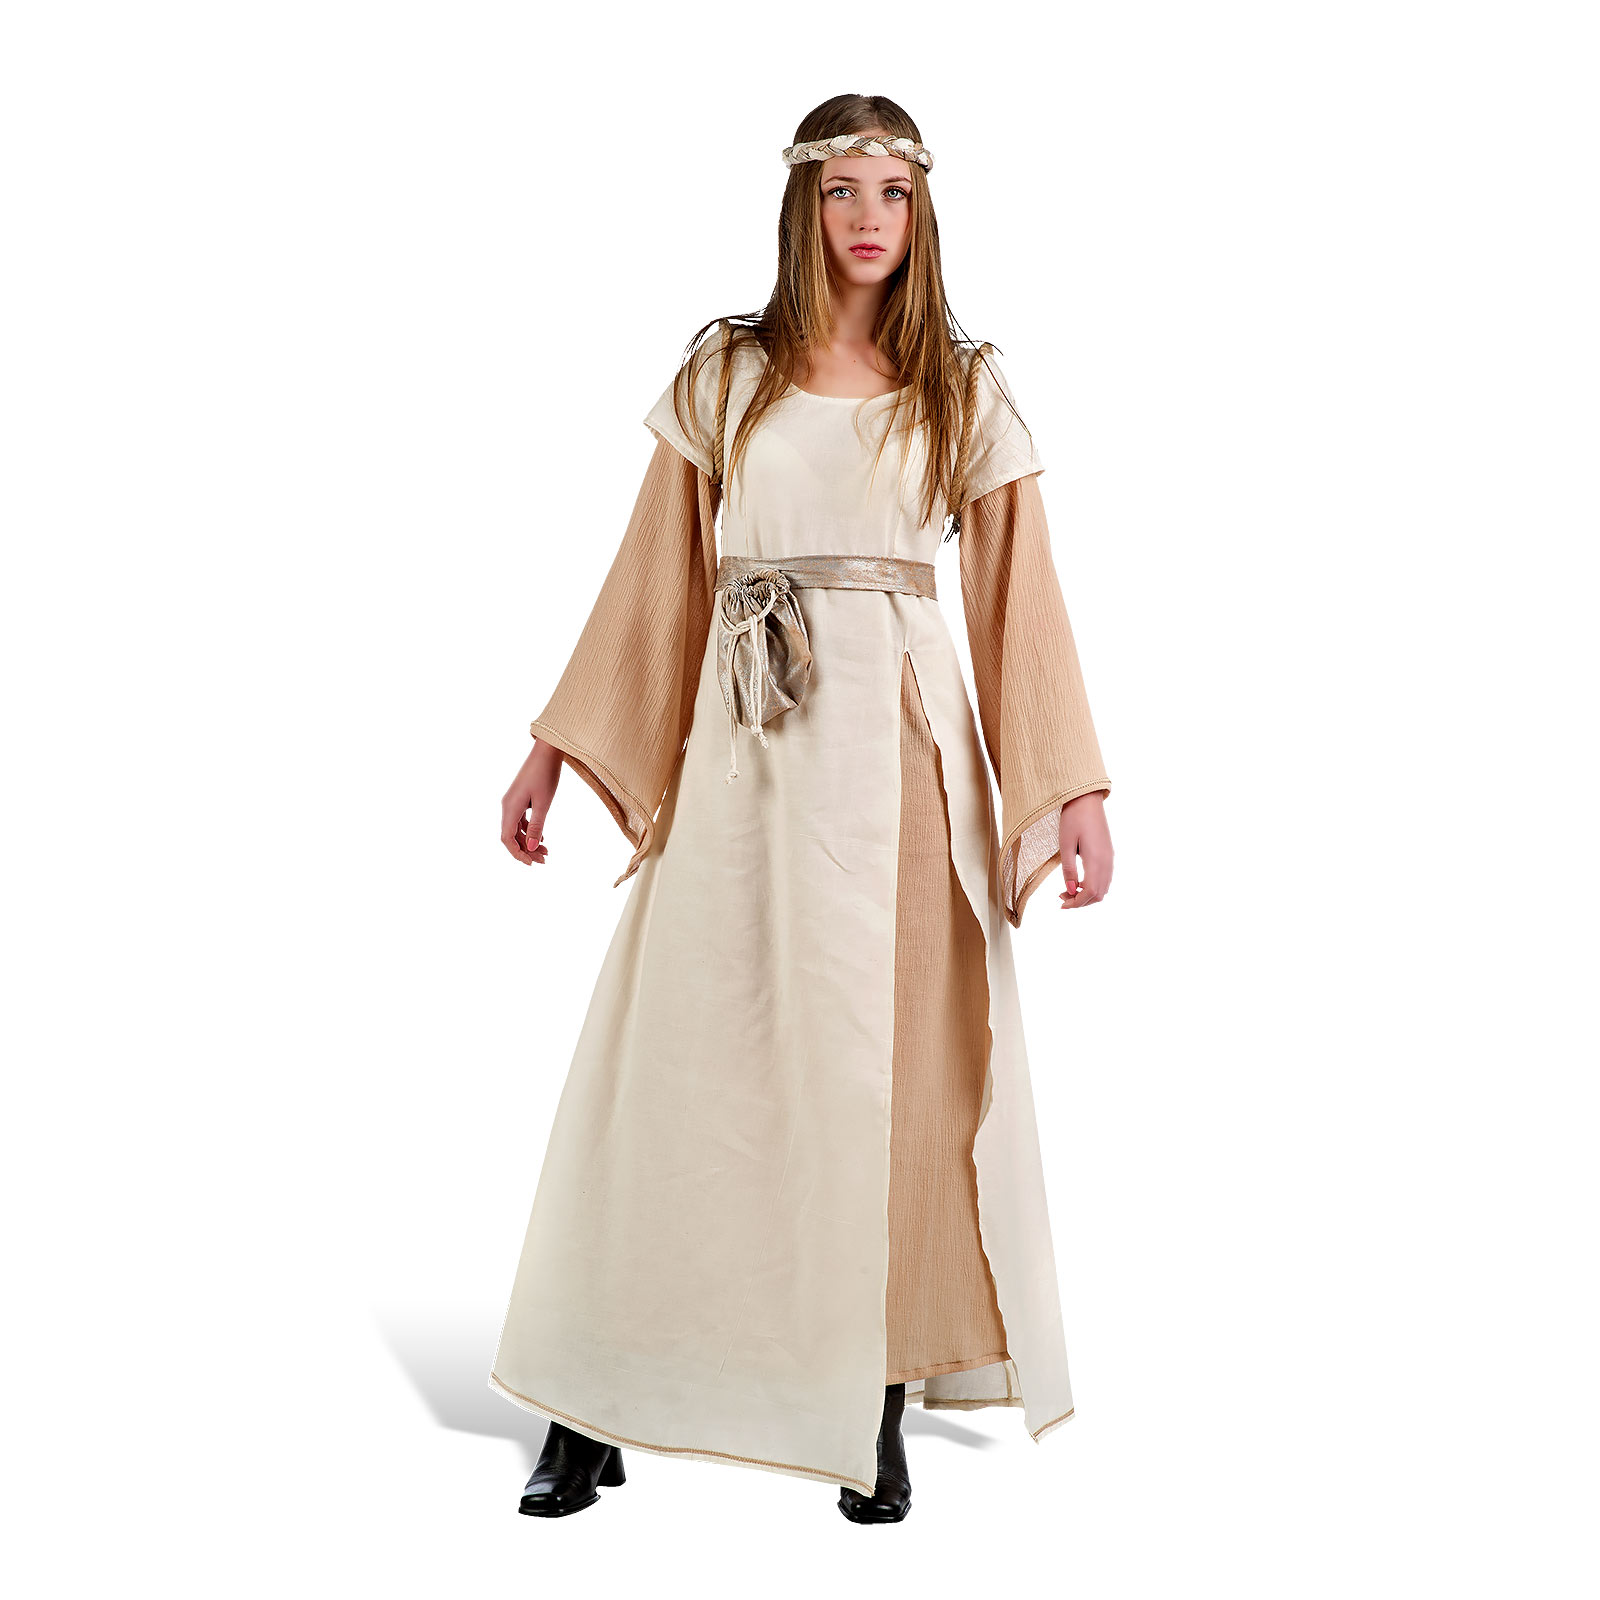 Mittelalter Dame - Kostüm